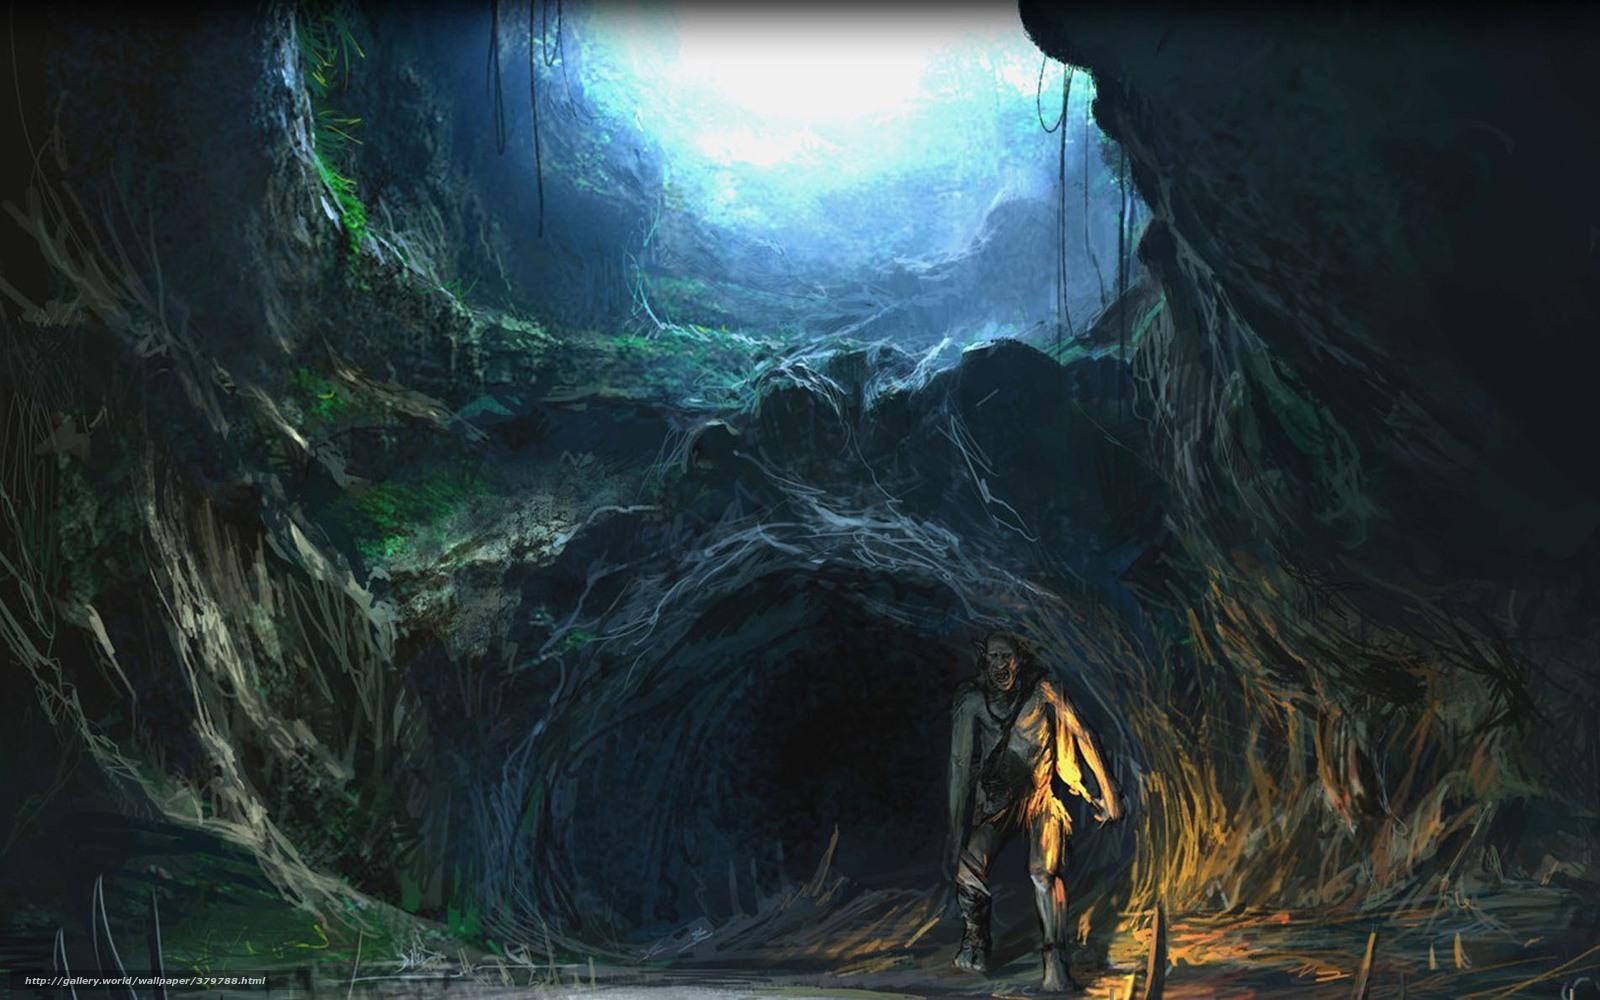 Скачать обои Властелин колец,  Белый совет,  тролль,  пещера бесплатно для рабочего стола в разрешении 1680x1050 — картинка №379788